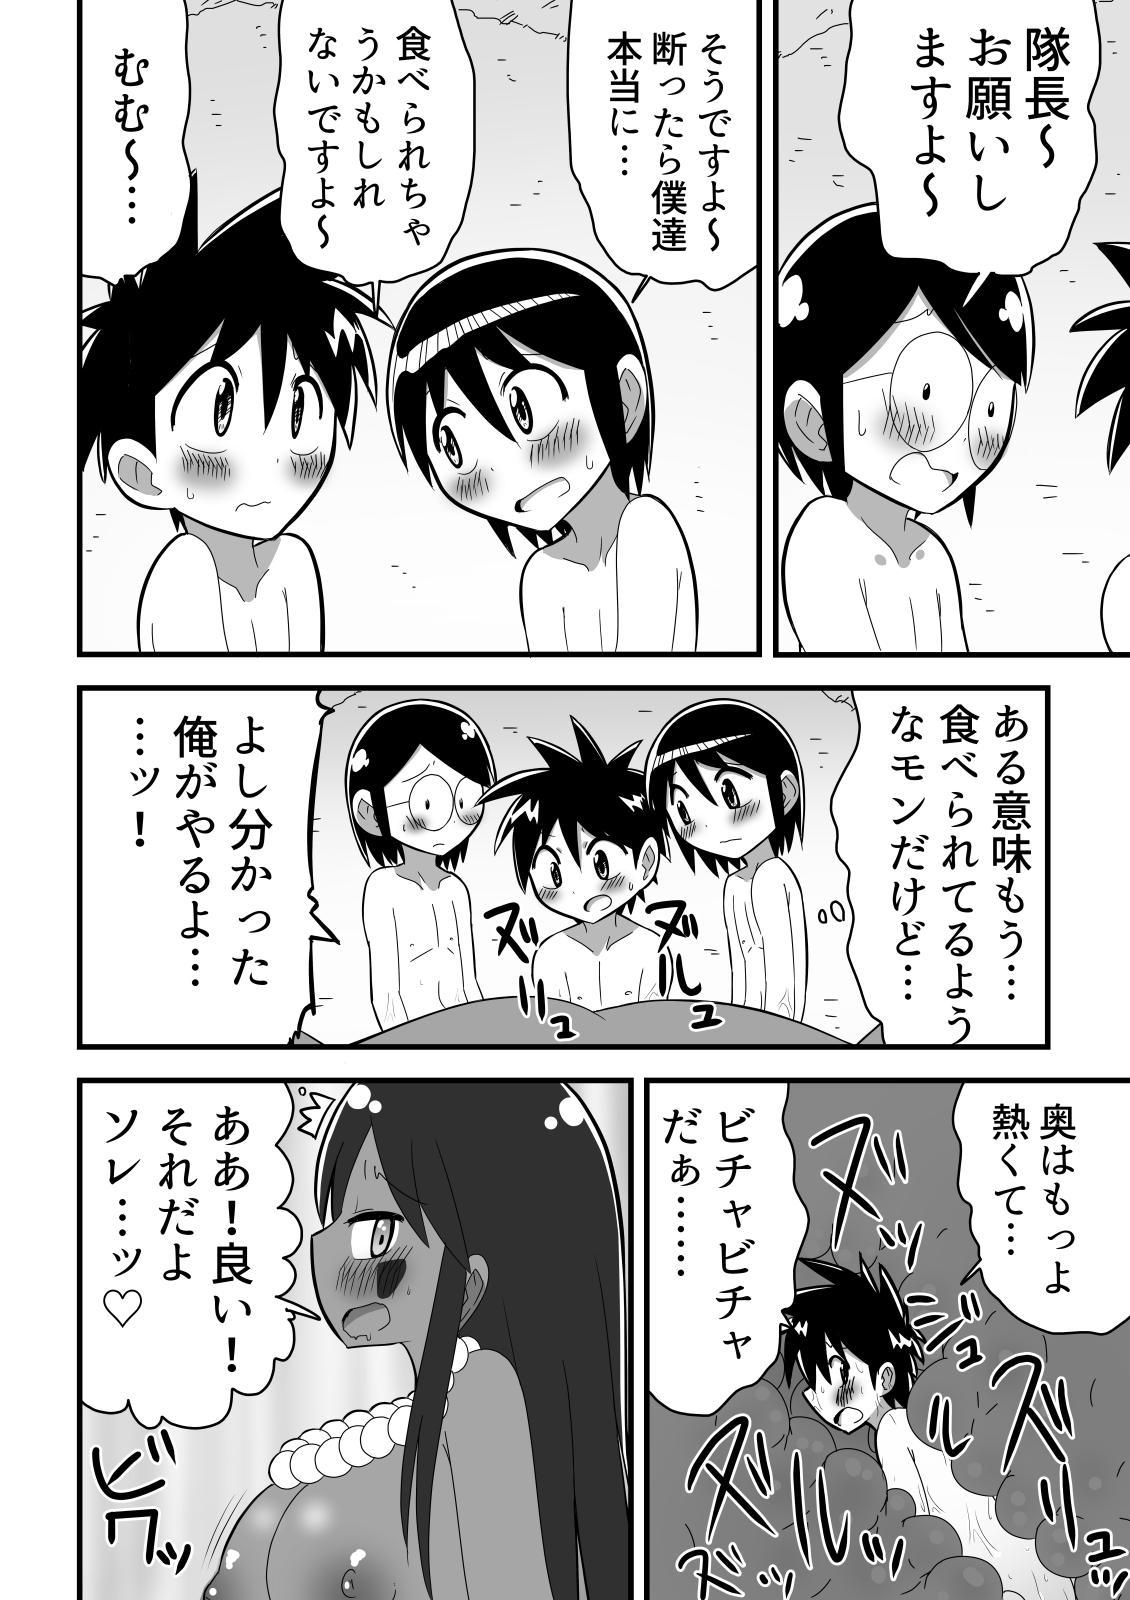 Shota Tankentai ga Hikyou de Kyojinzoku no Onee-san to Deatta Hanashi 17